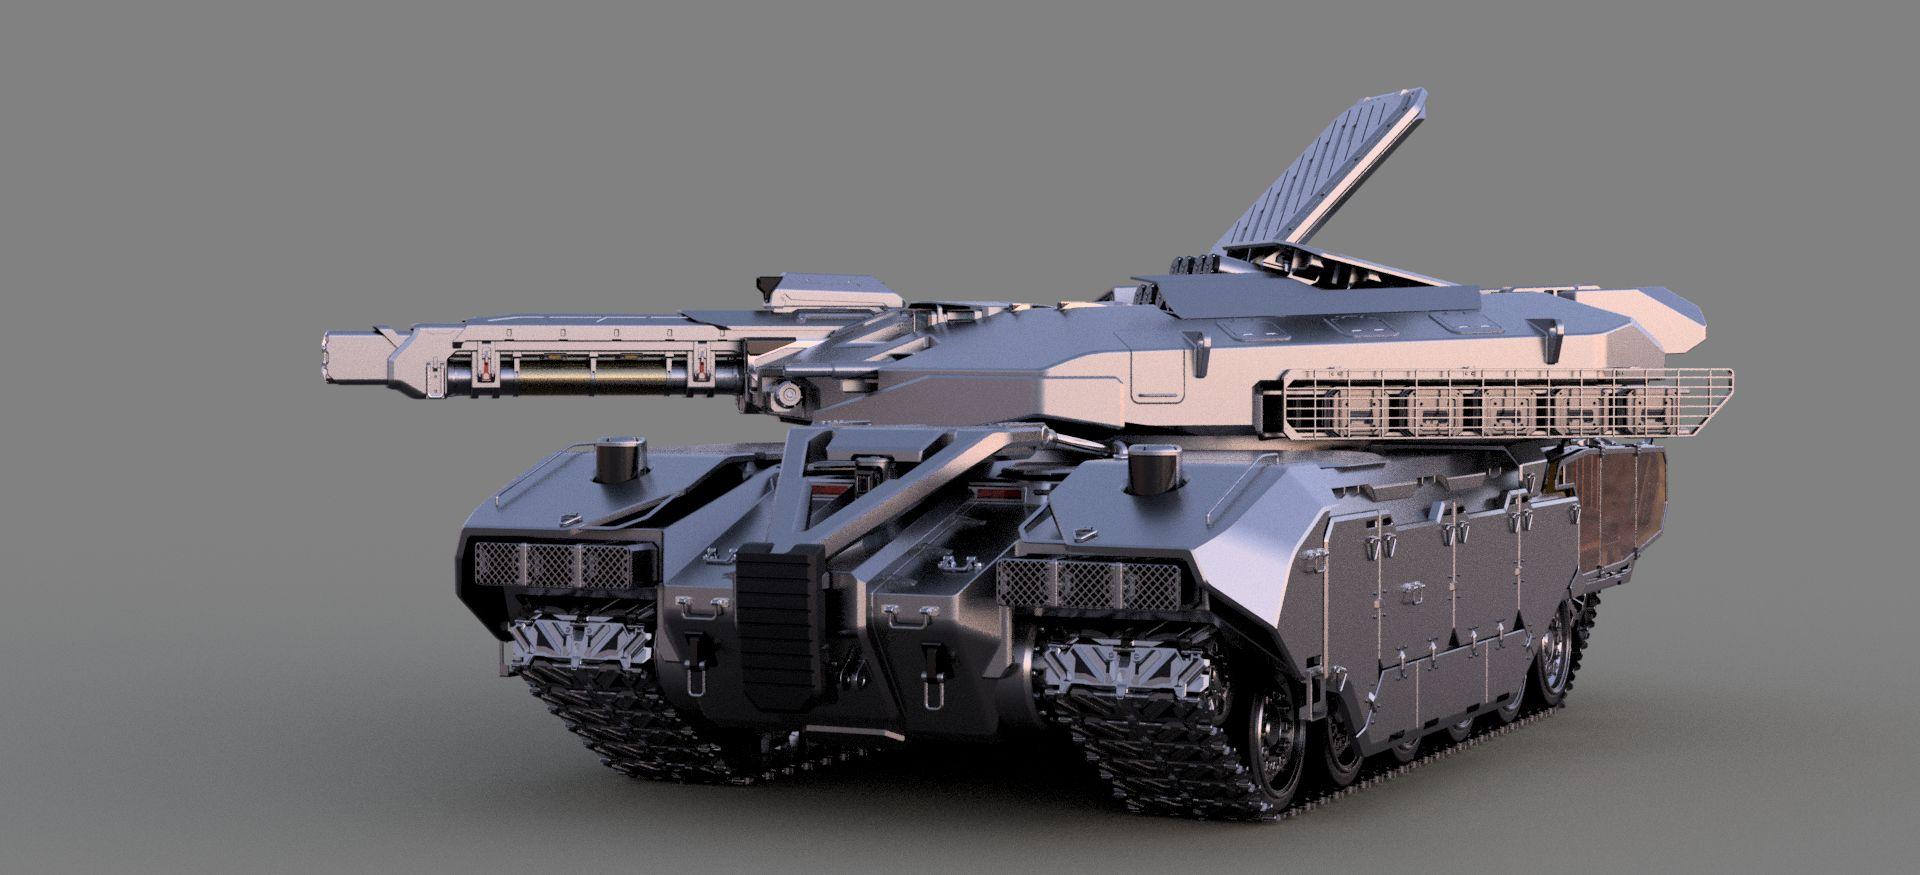 Tank-v1023-3500-3500